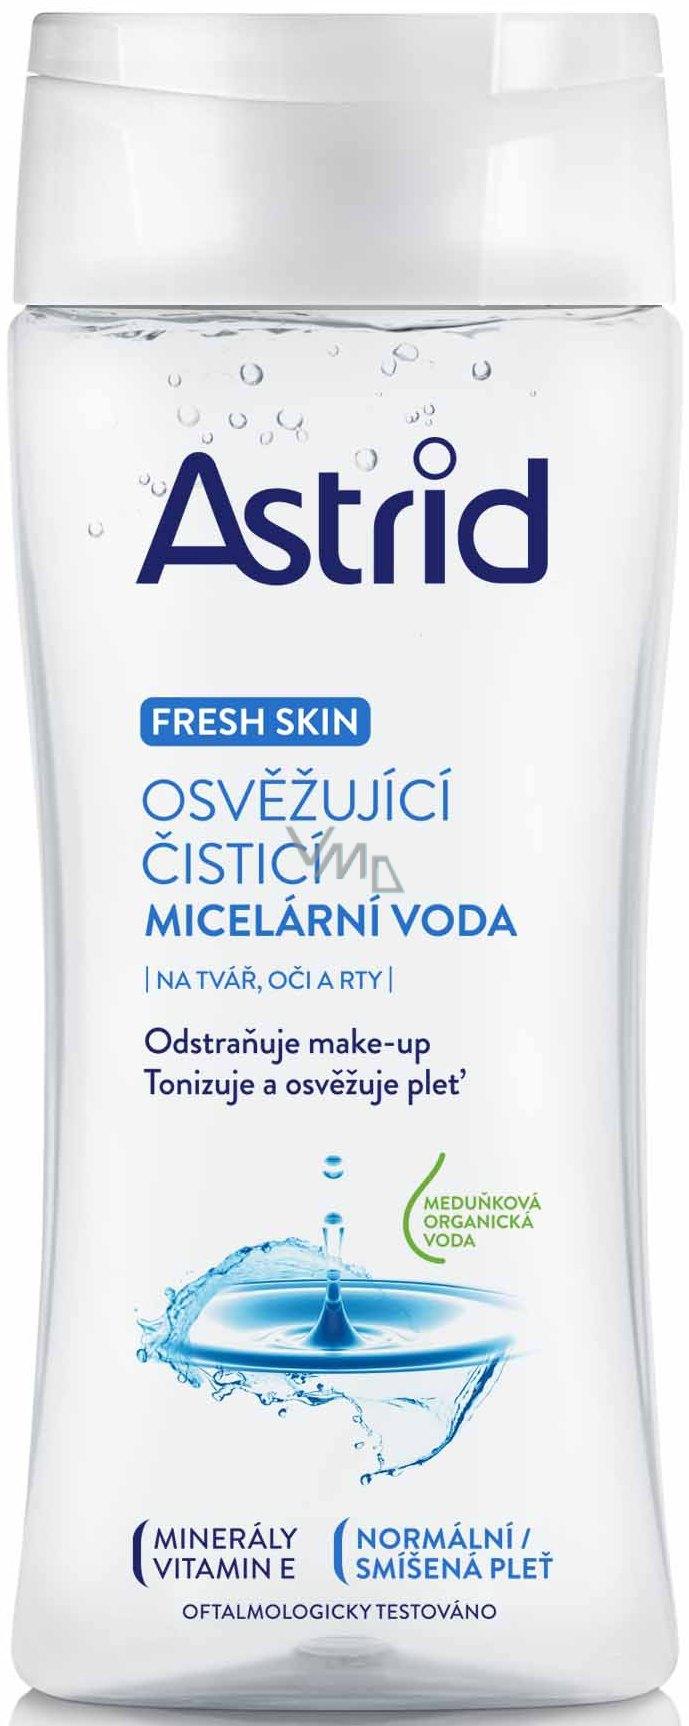 Astrid Fresh Skin Osvěžující čisticí micelární voda pro normální a smíšenou pleť 200 ml